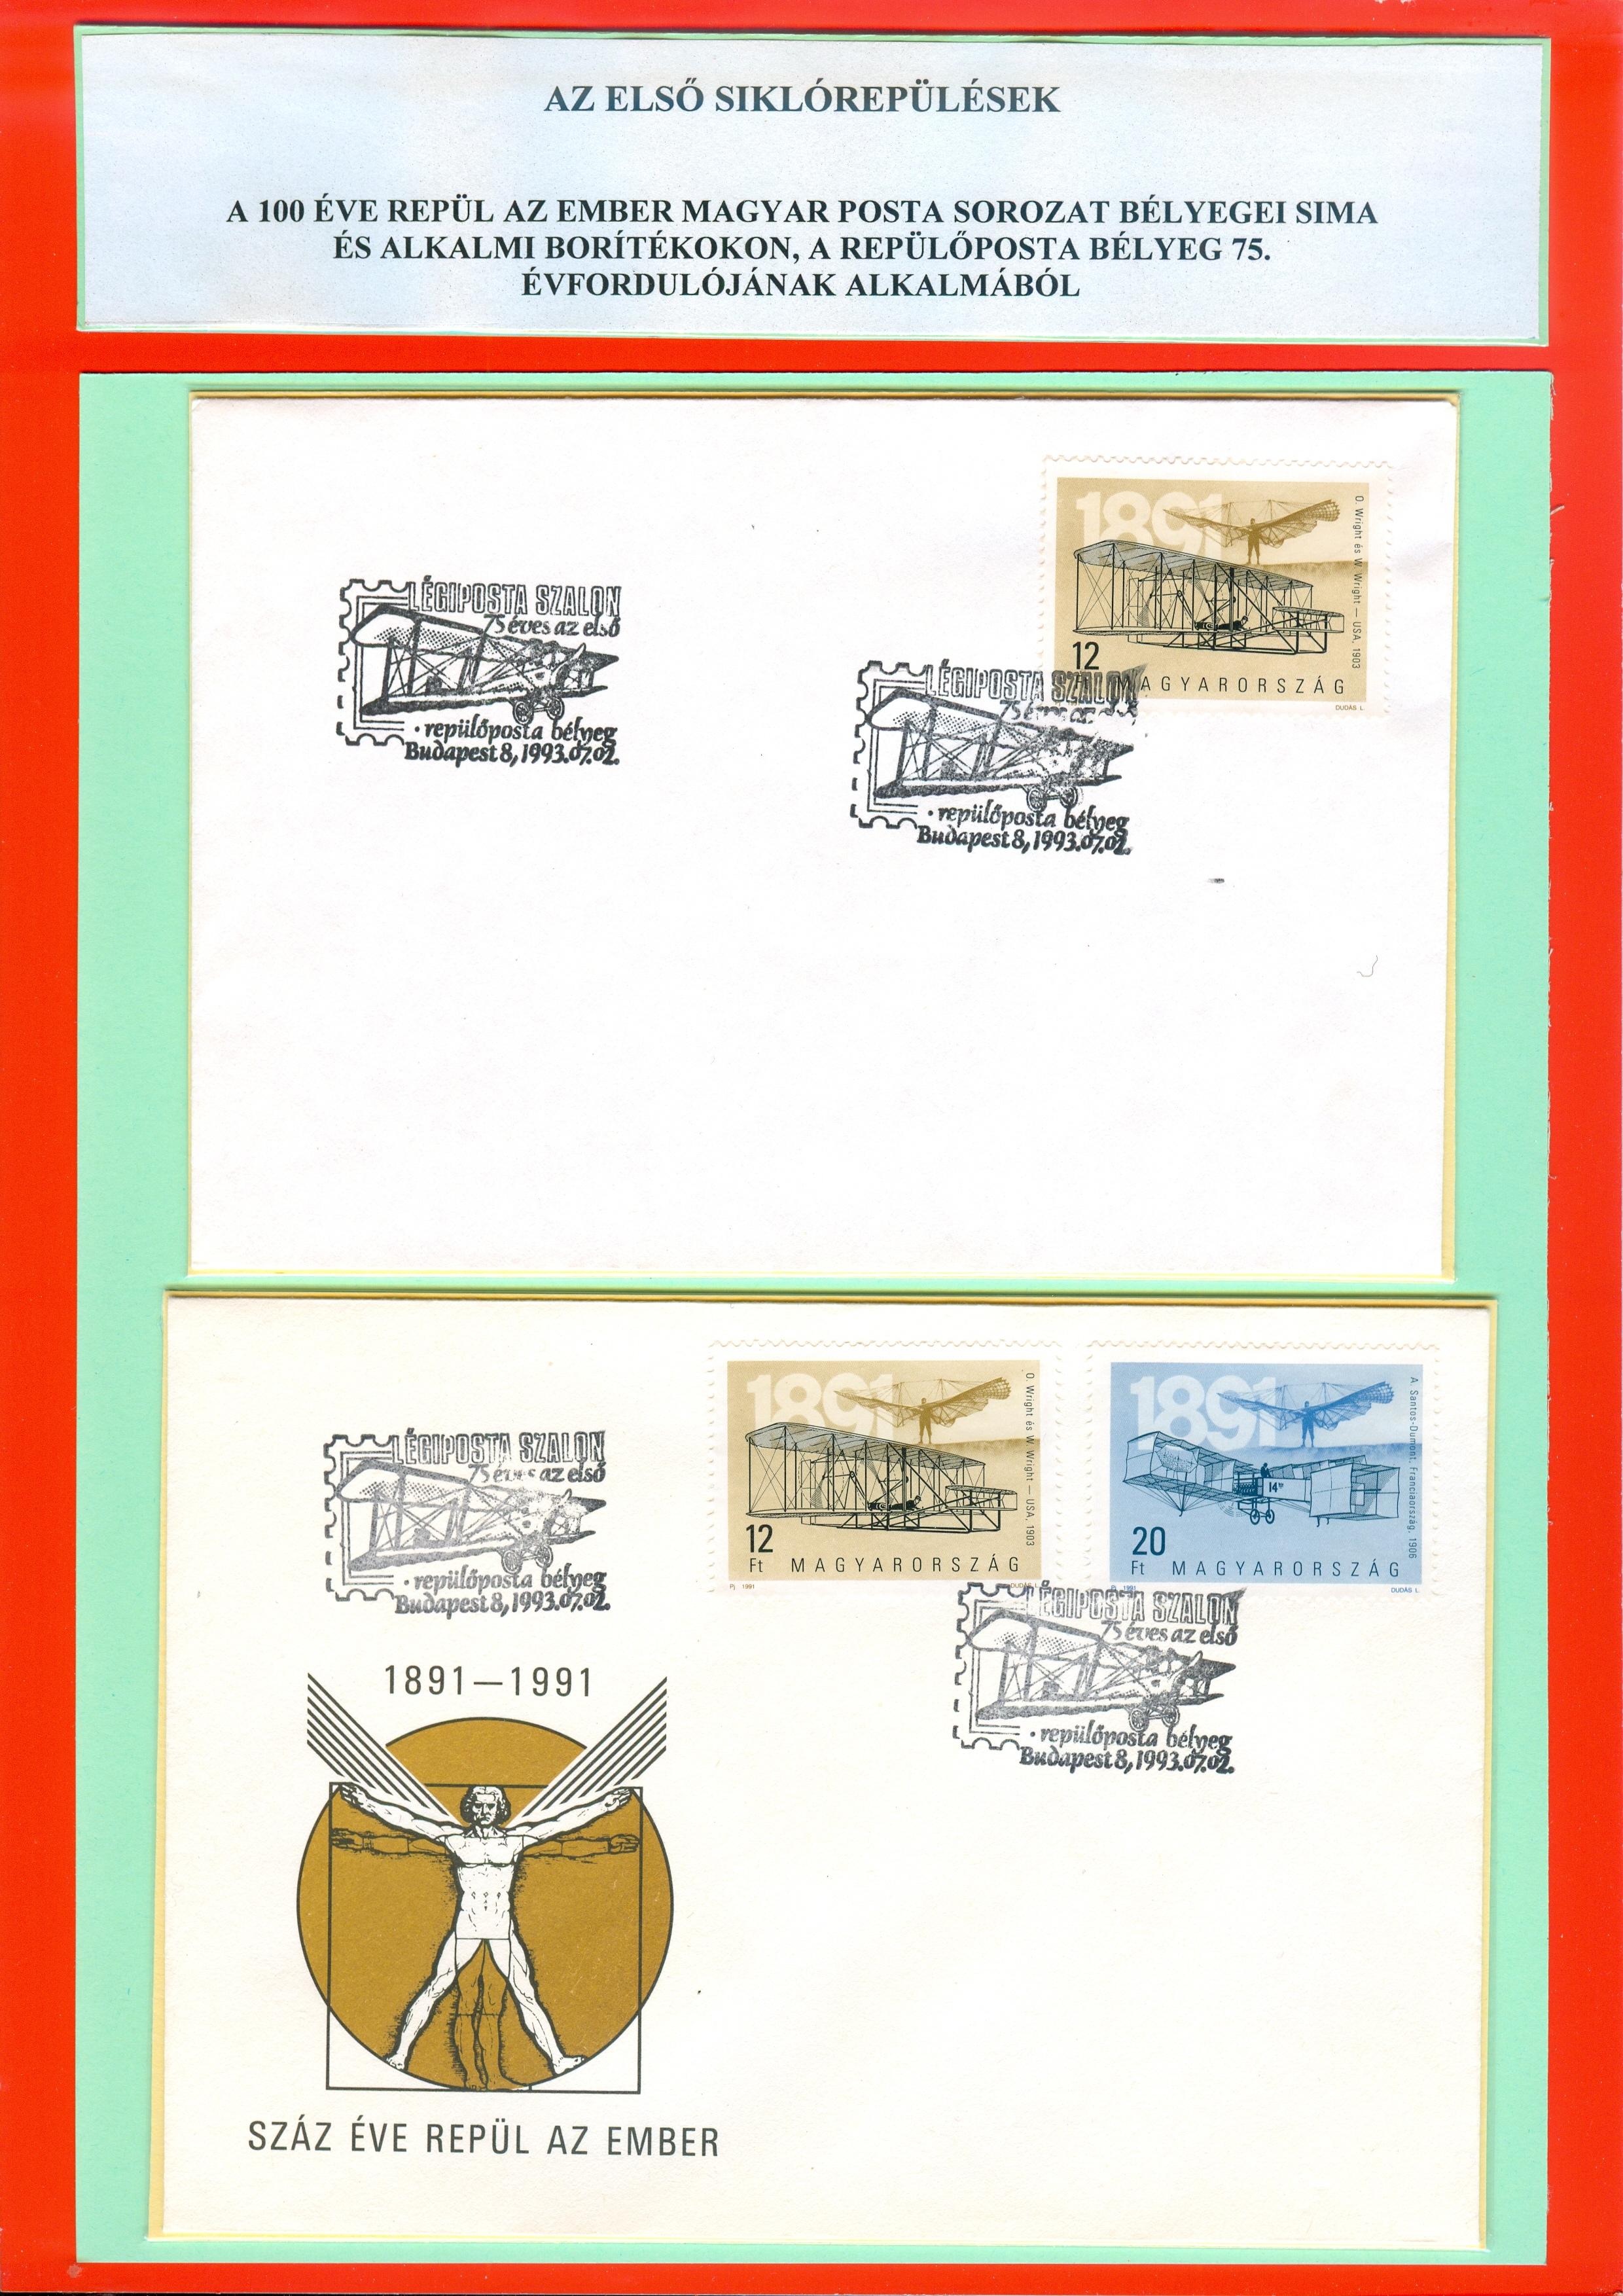 6e91fe0fec A 30012-es motívumoldalon az előzőekben ismertetett postabélyeg sorozat  értékei láthatók sima borítékon alkalmi bélyegzővel felül, míg alkalmi  borítékon és ...